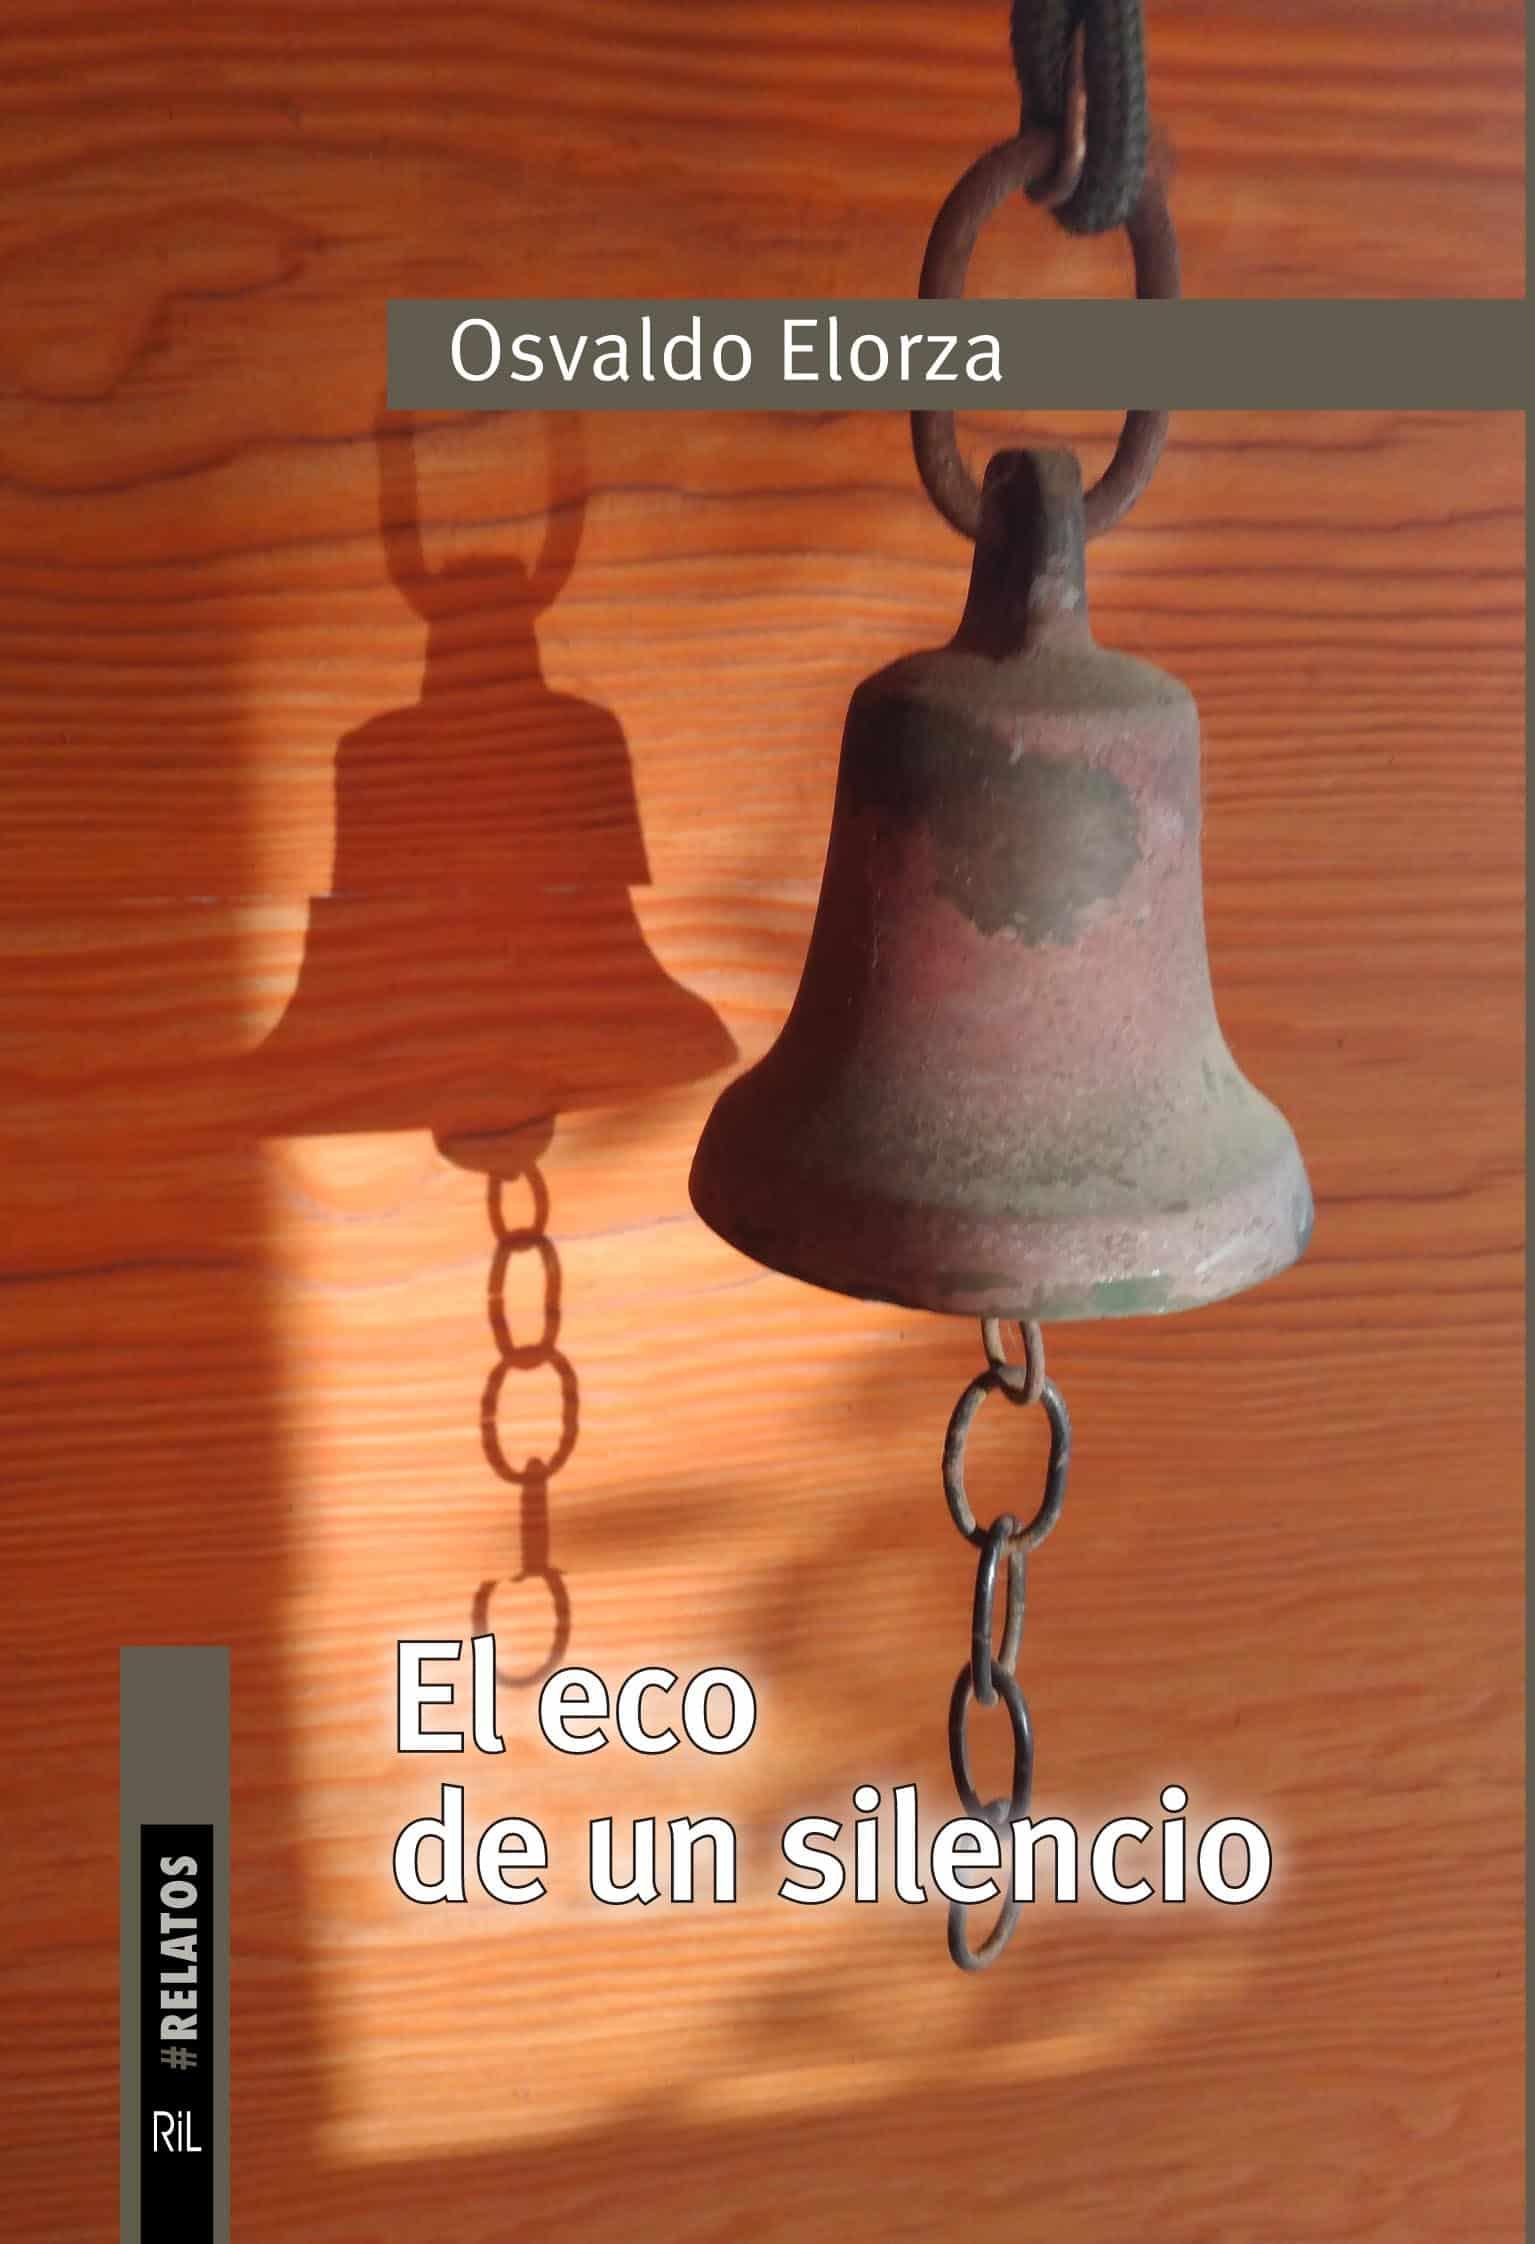 El eco de un silencio 1